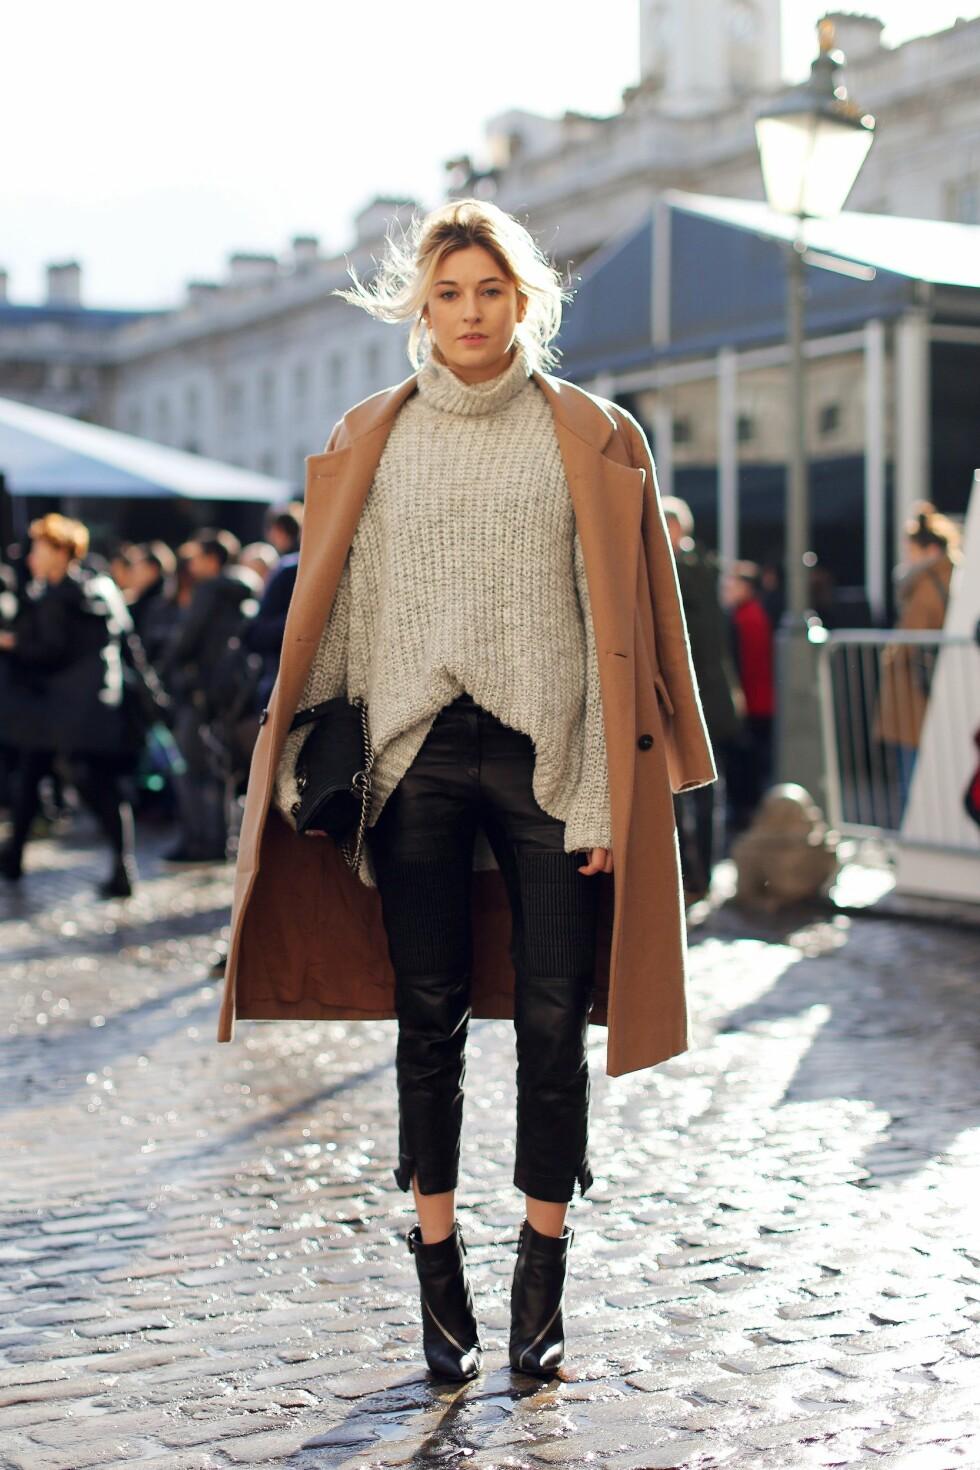 VINTERSTIL: Camille kombinerer strikk, skinn og sesongens populære kamelkåpe for det perfekte vinterantrekket.  Foto: All Over